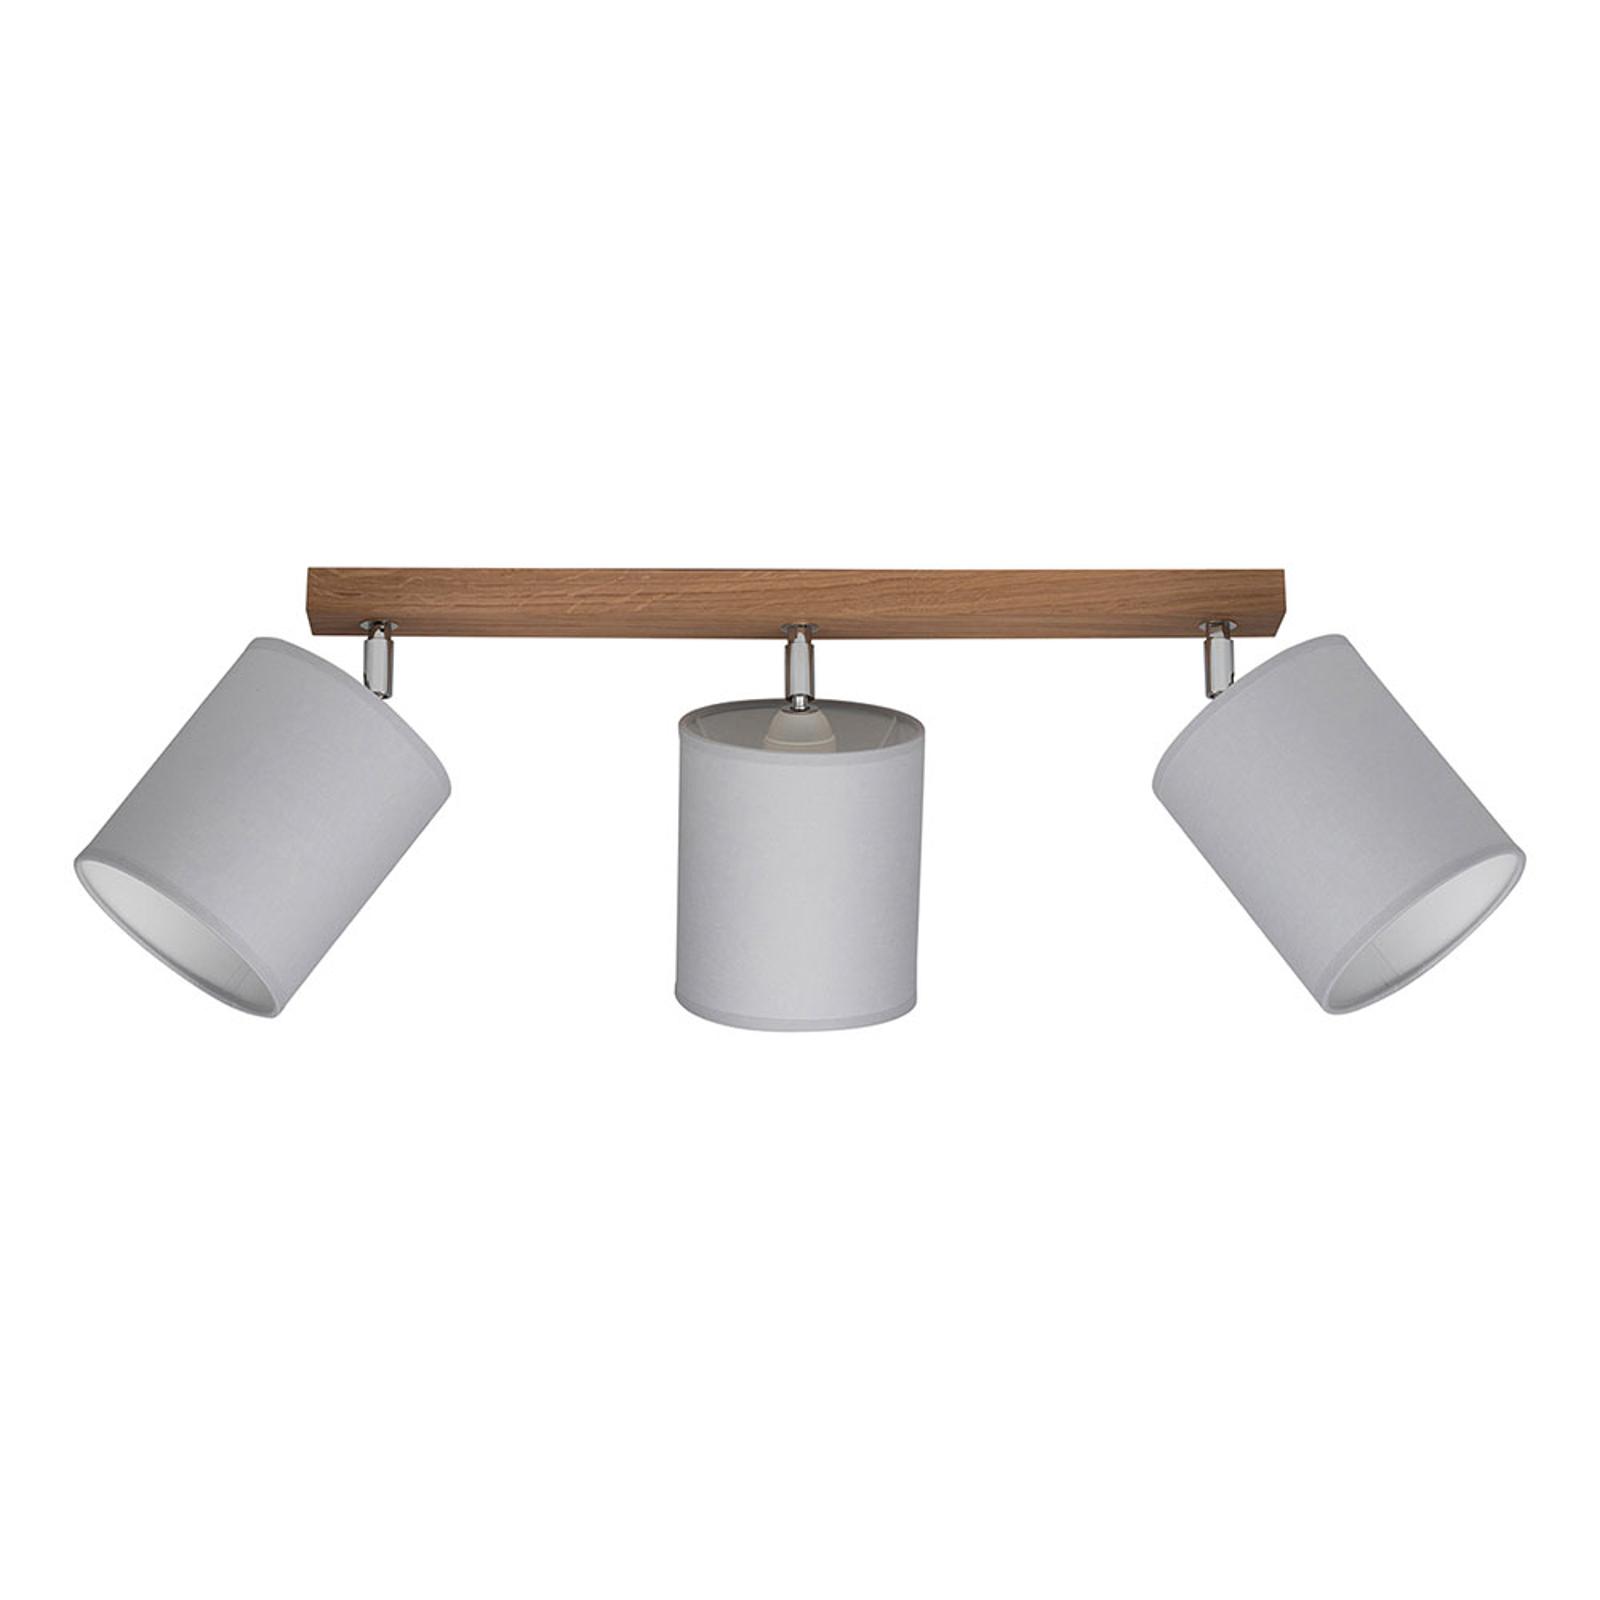 Spot pour plafond Corralee gris à 3 lampes